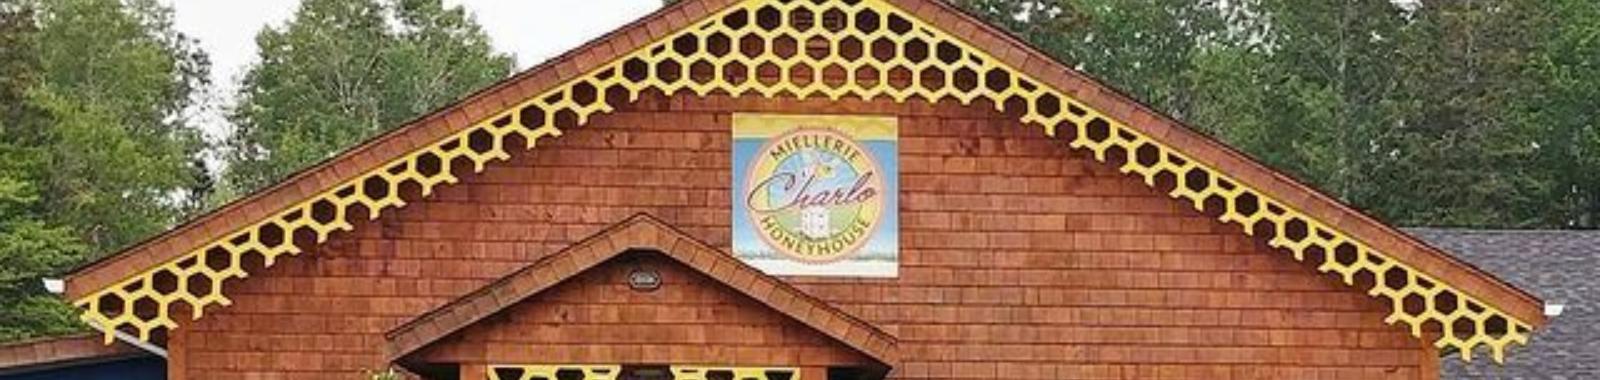 Charlo Honeyhouse